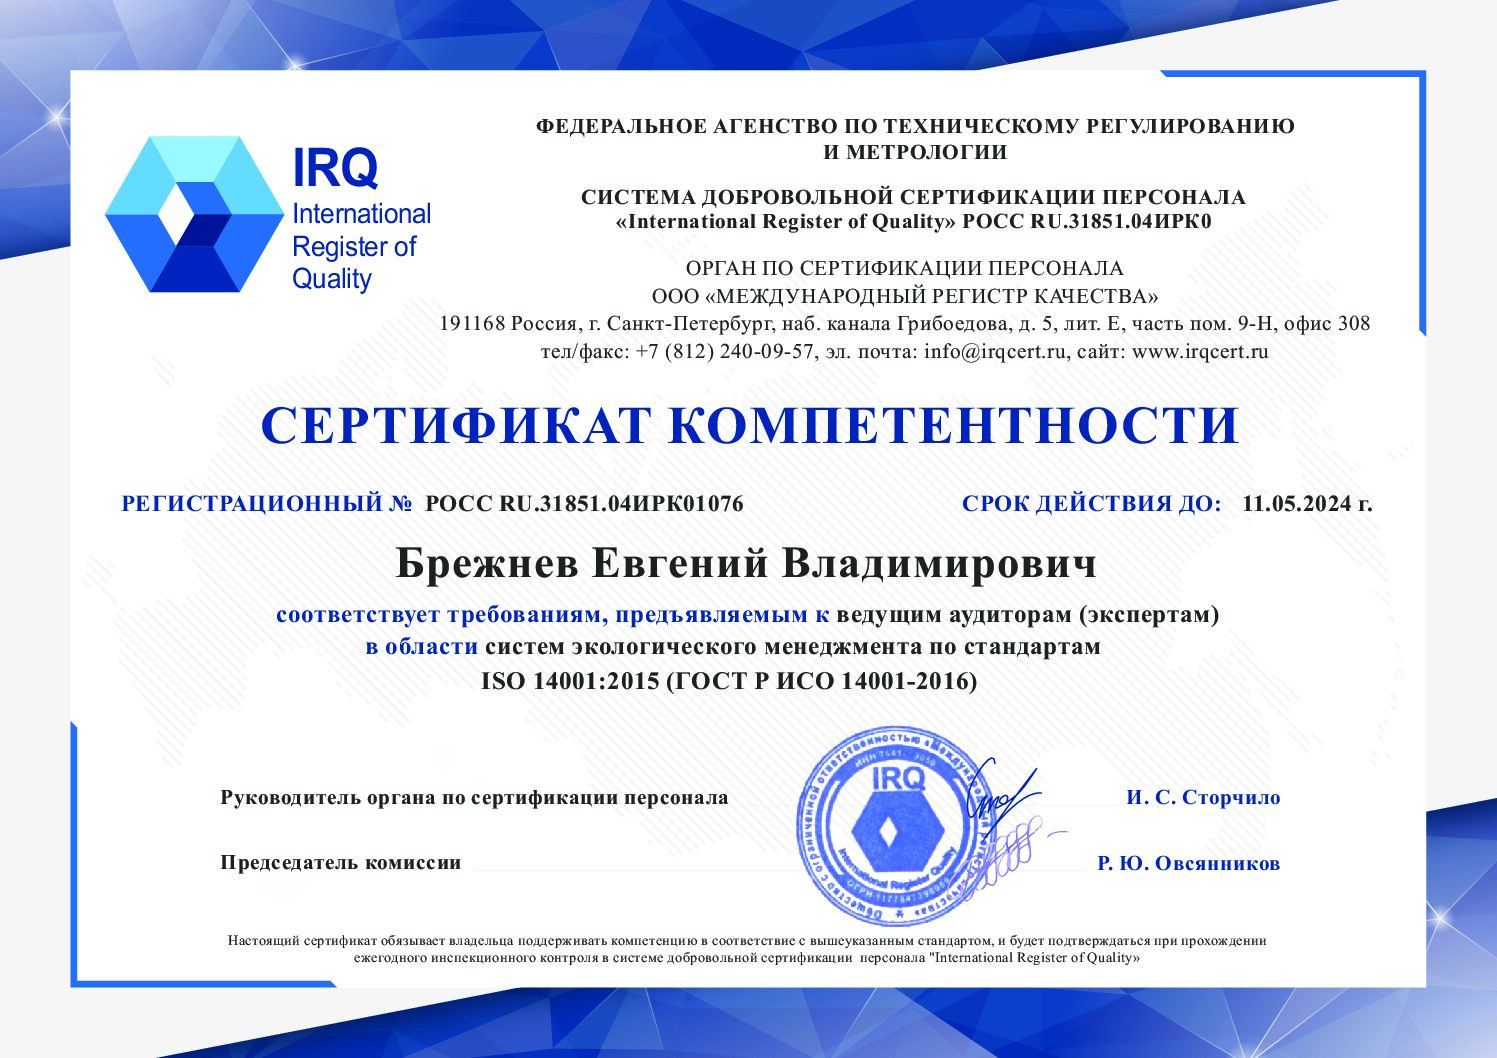 СЕРТИФИКАТ КОМПЕТЕНТНОСТИ ISO 14001